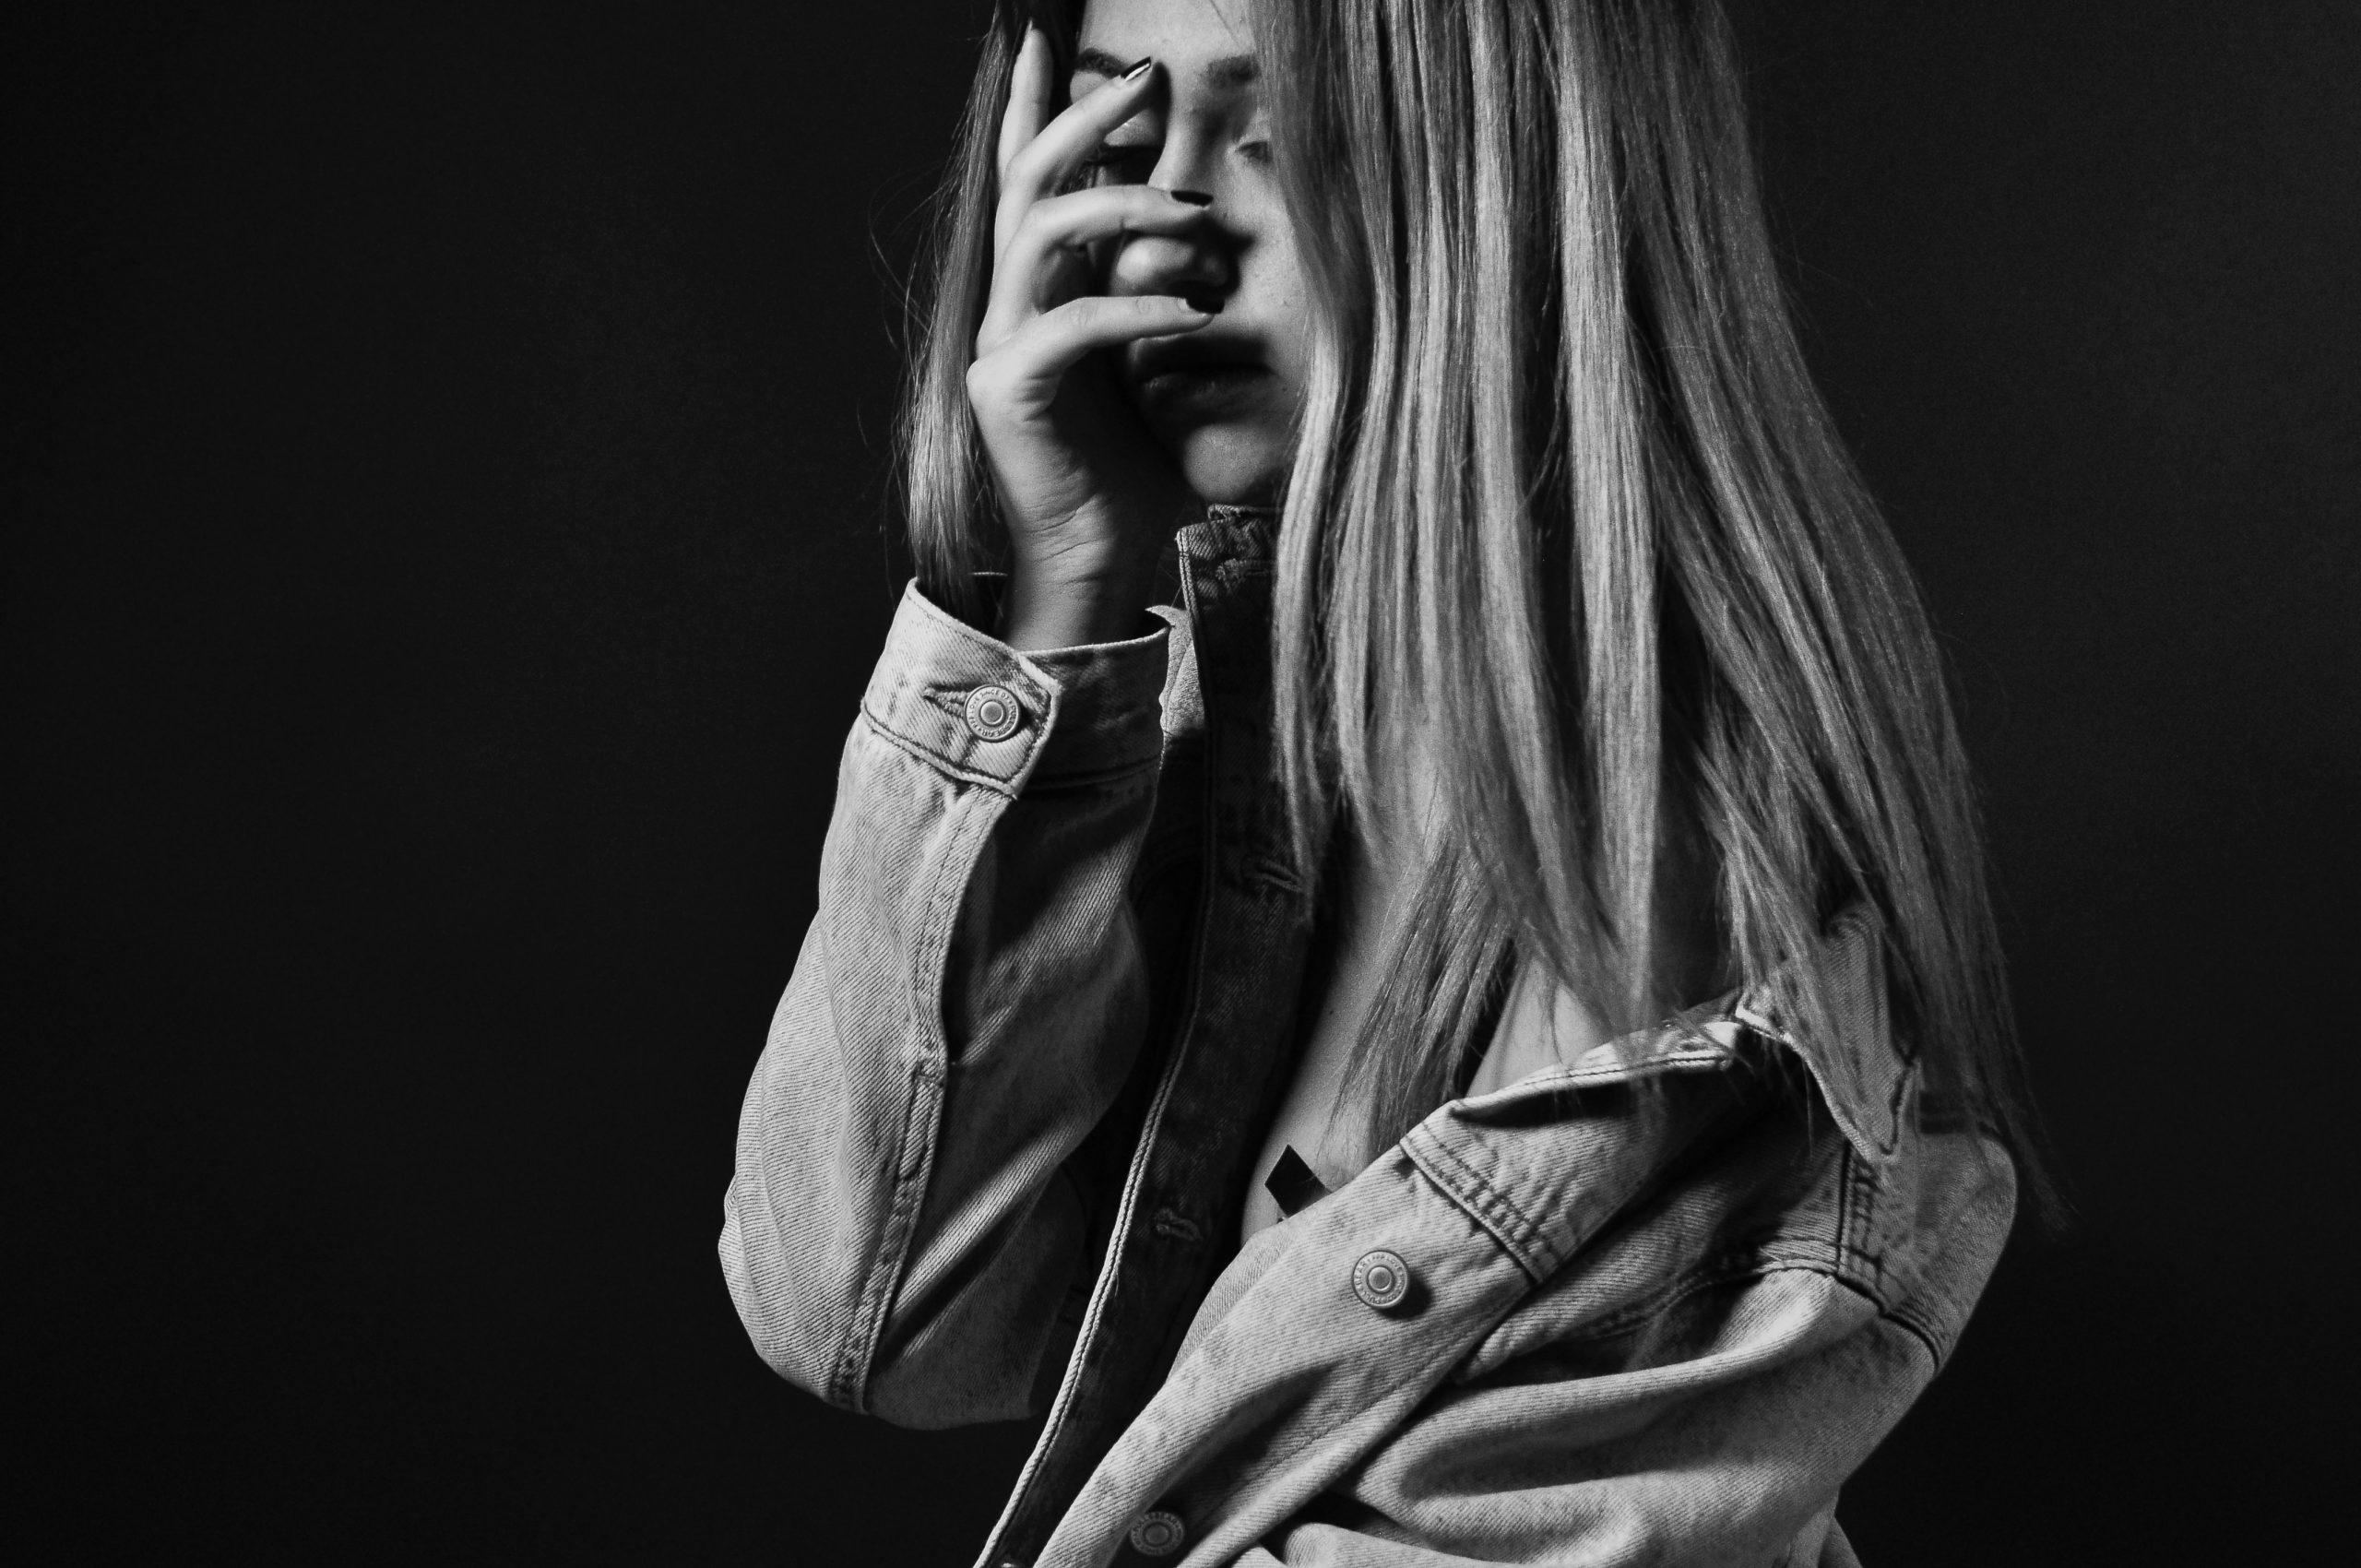 self harm in teens